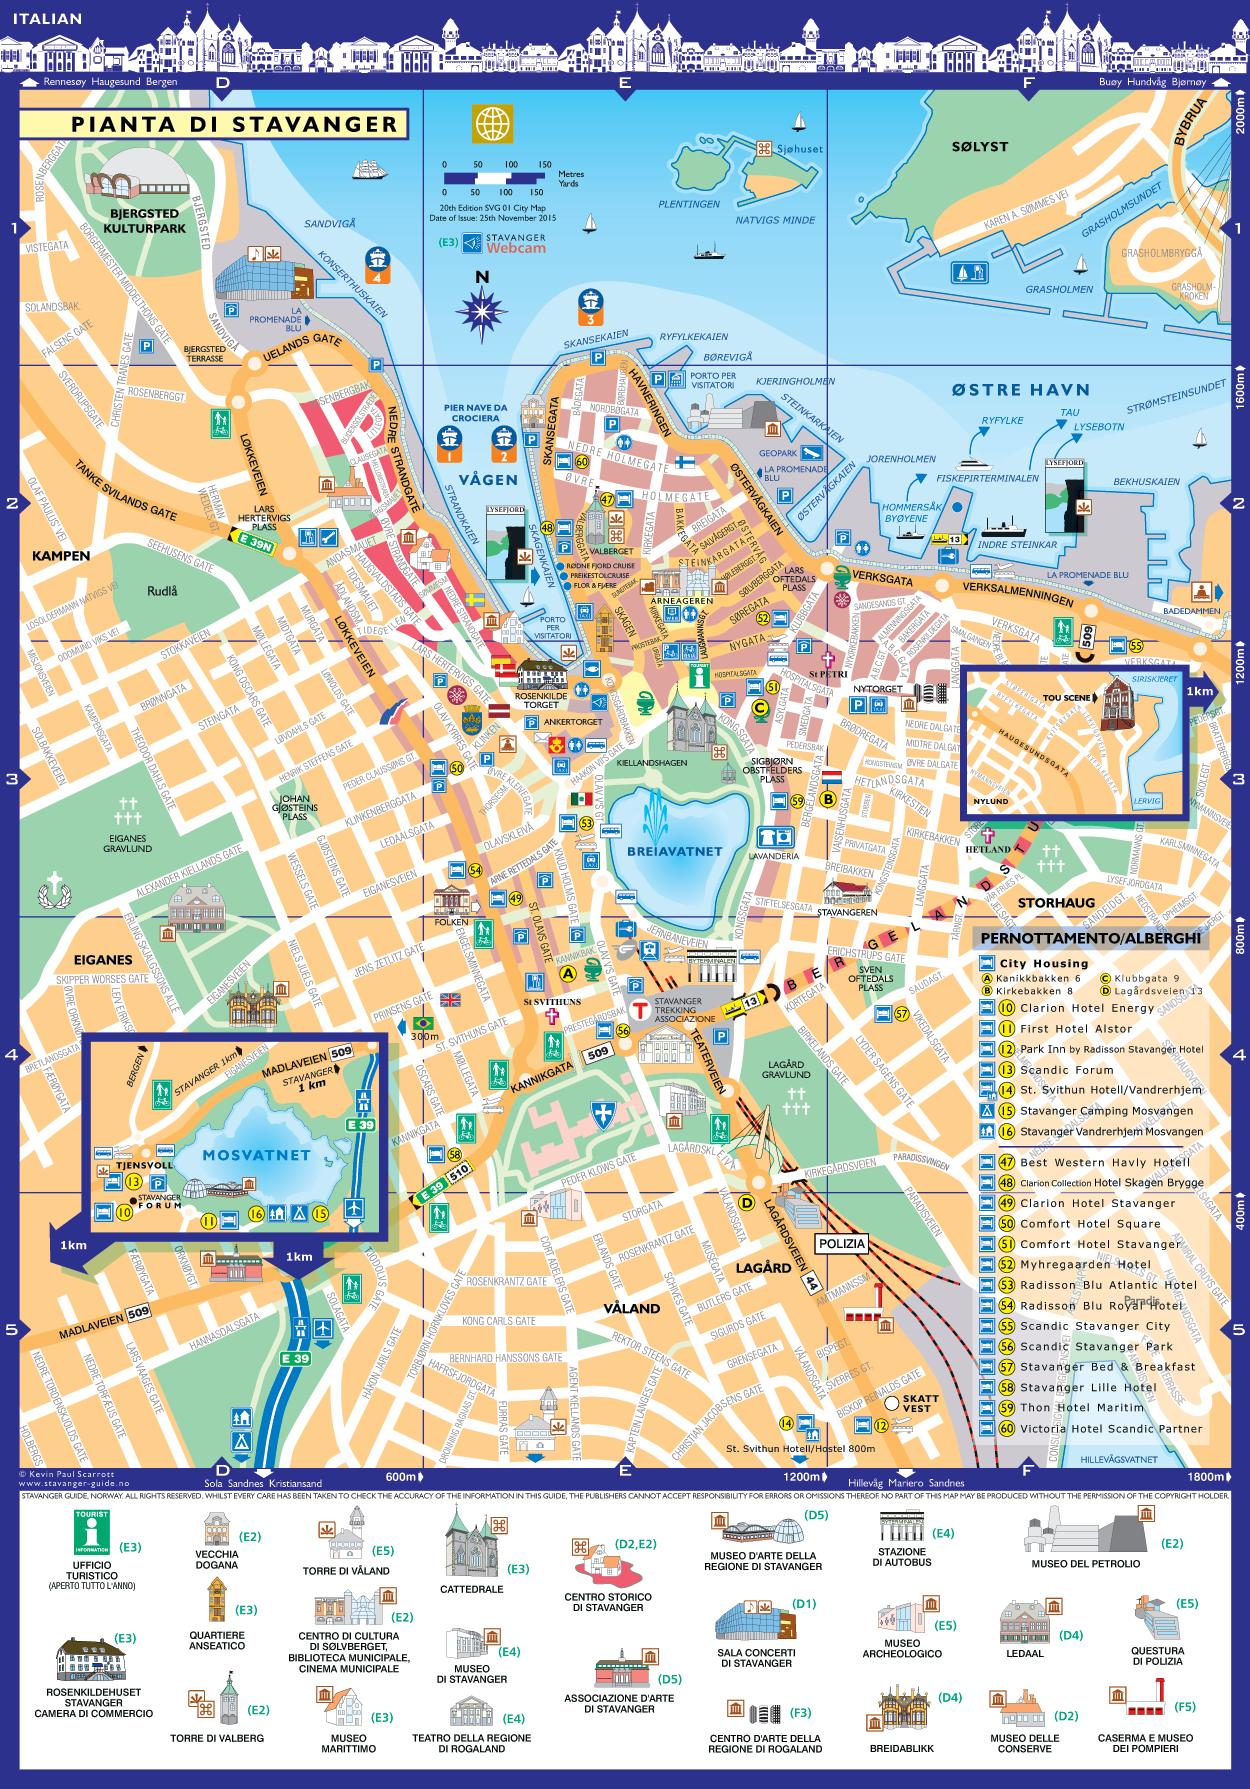 Stavanger Pianta della Citta